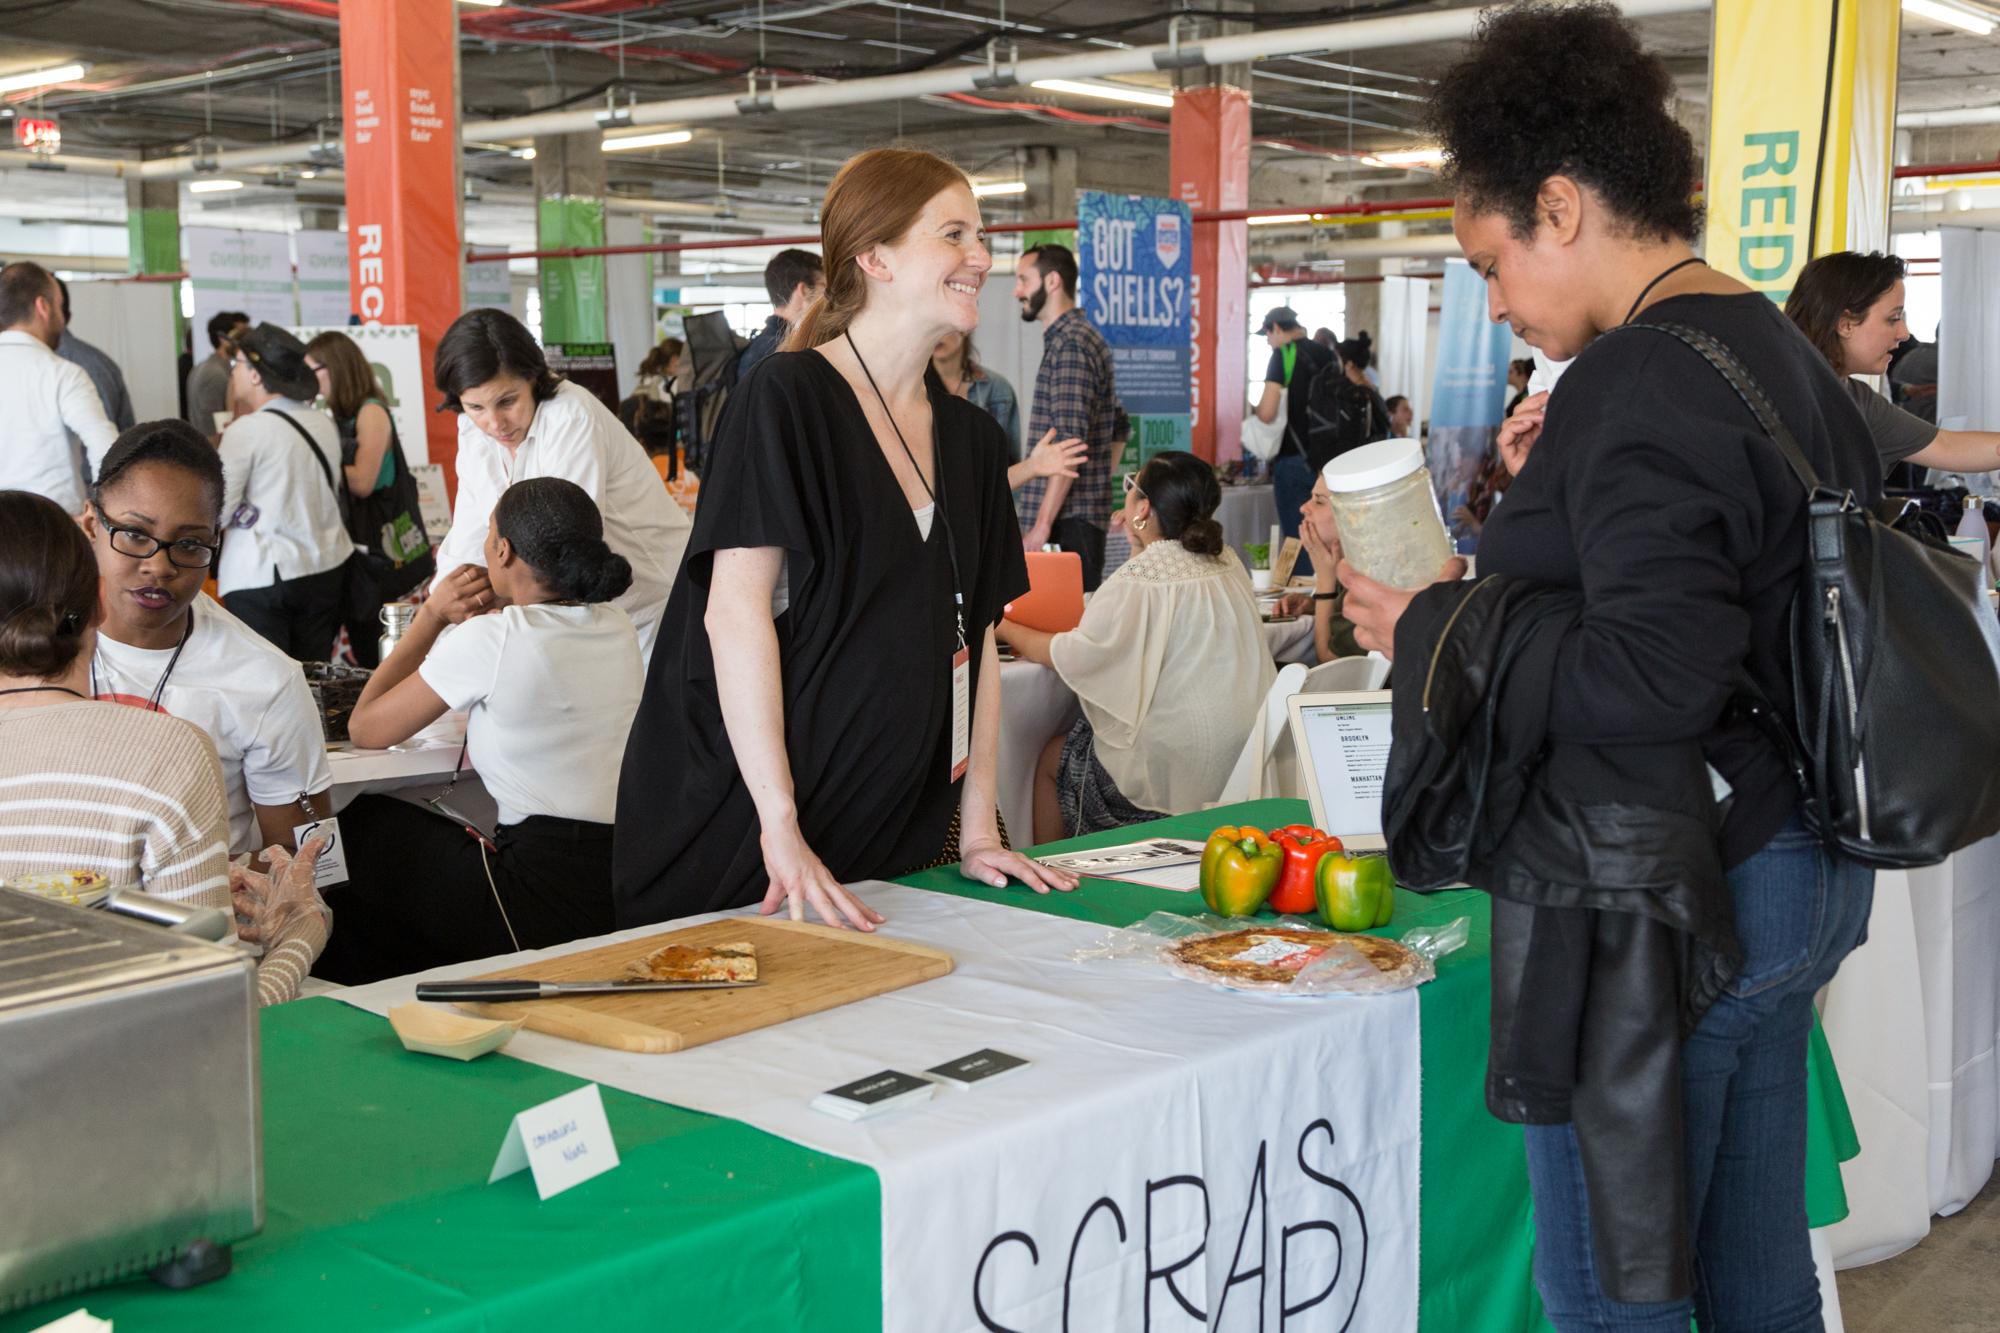 DSNY_Food_Waste_Fair_2019_Melanie_Rieders-3074.jpg